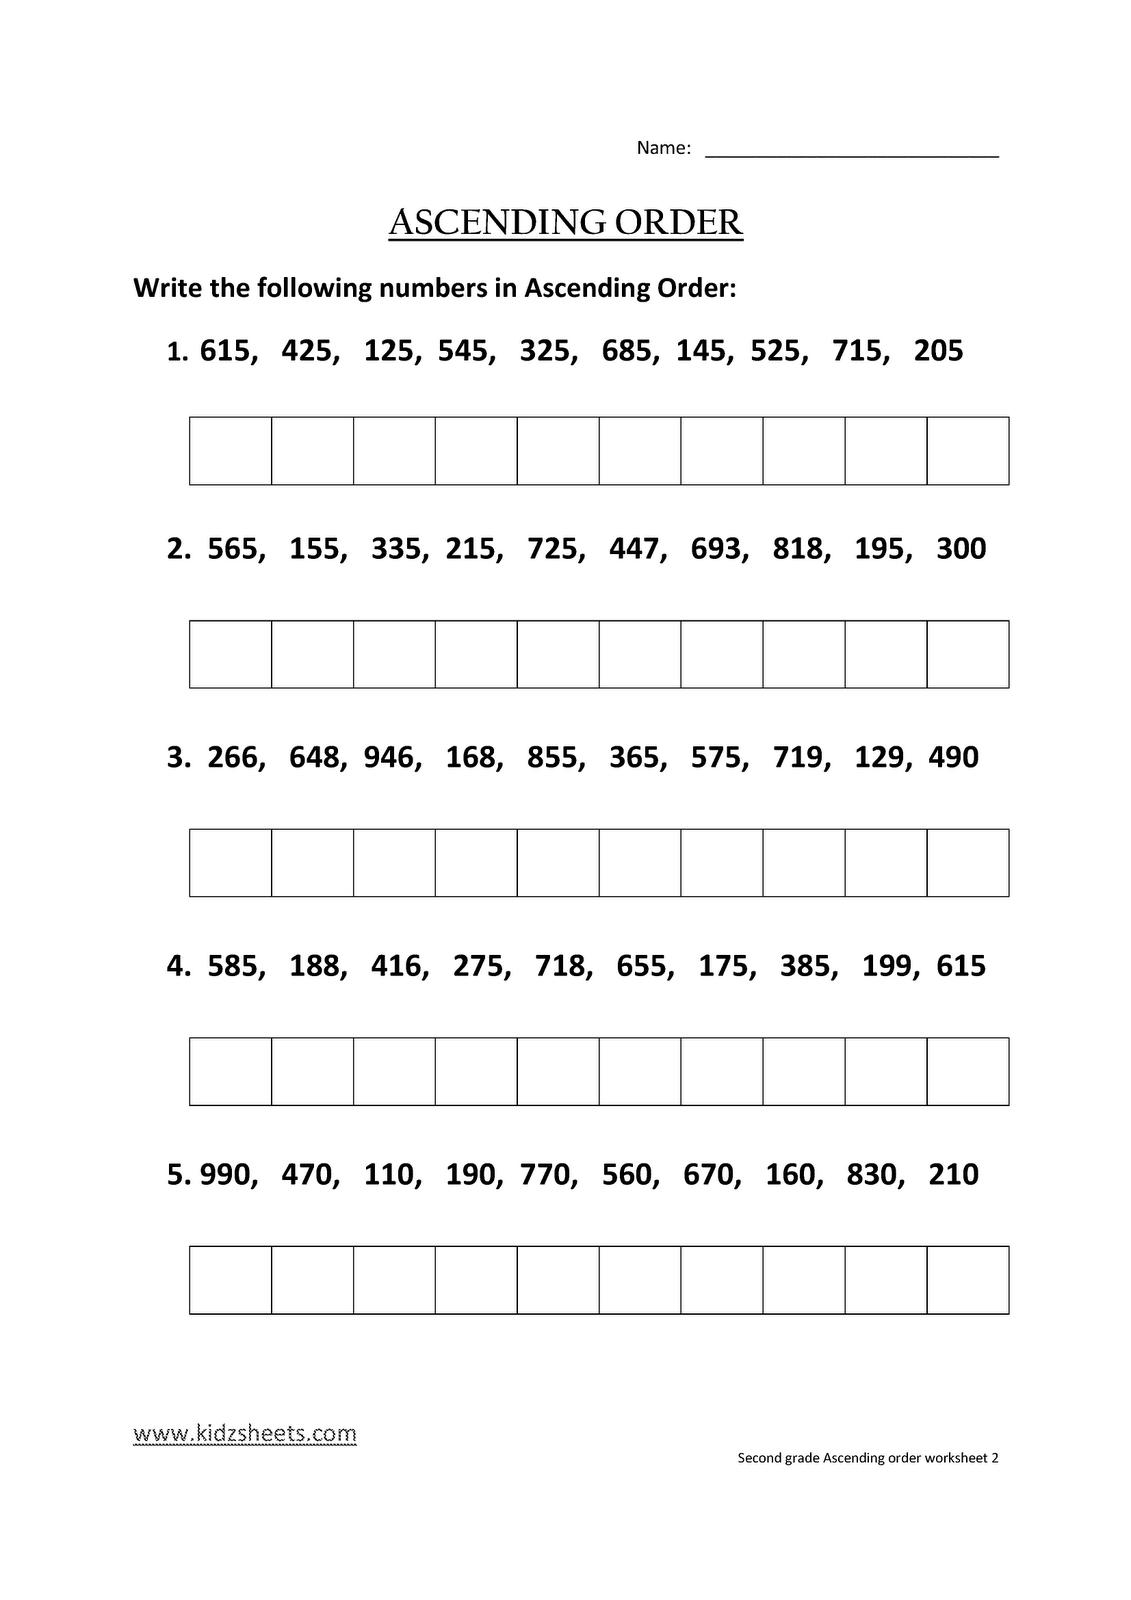 Kidz Worksheets Second Grade Ascending Order Worksheet2